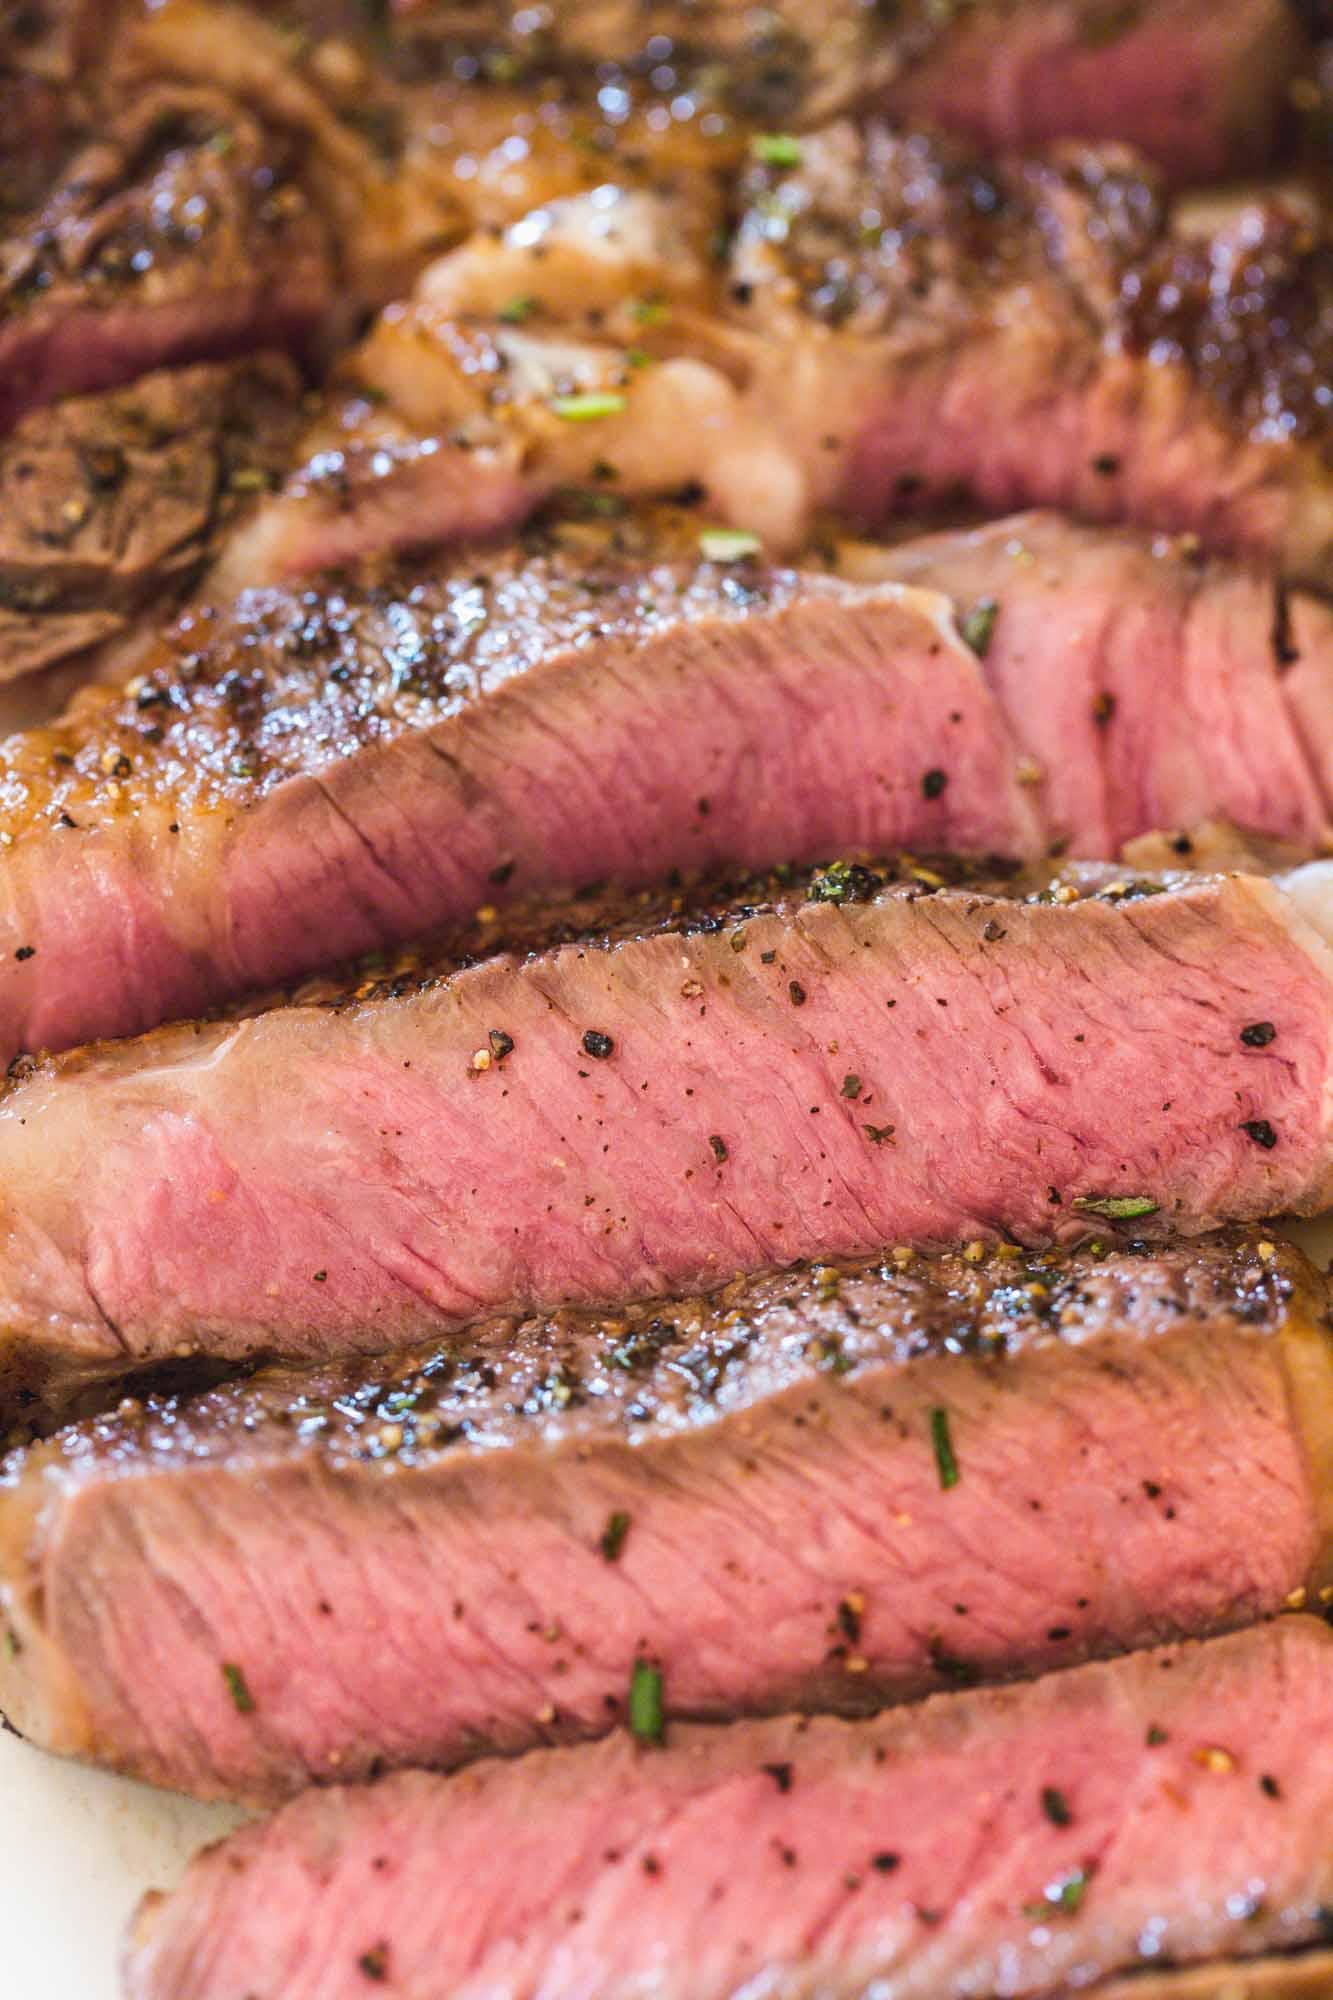 Sliced medium rare steak (ribeye)